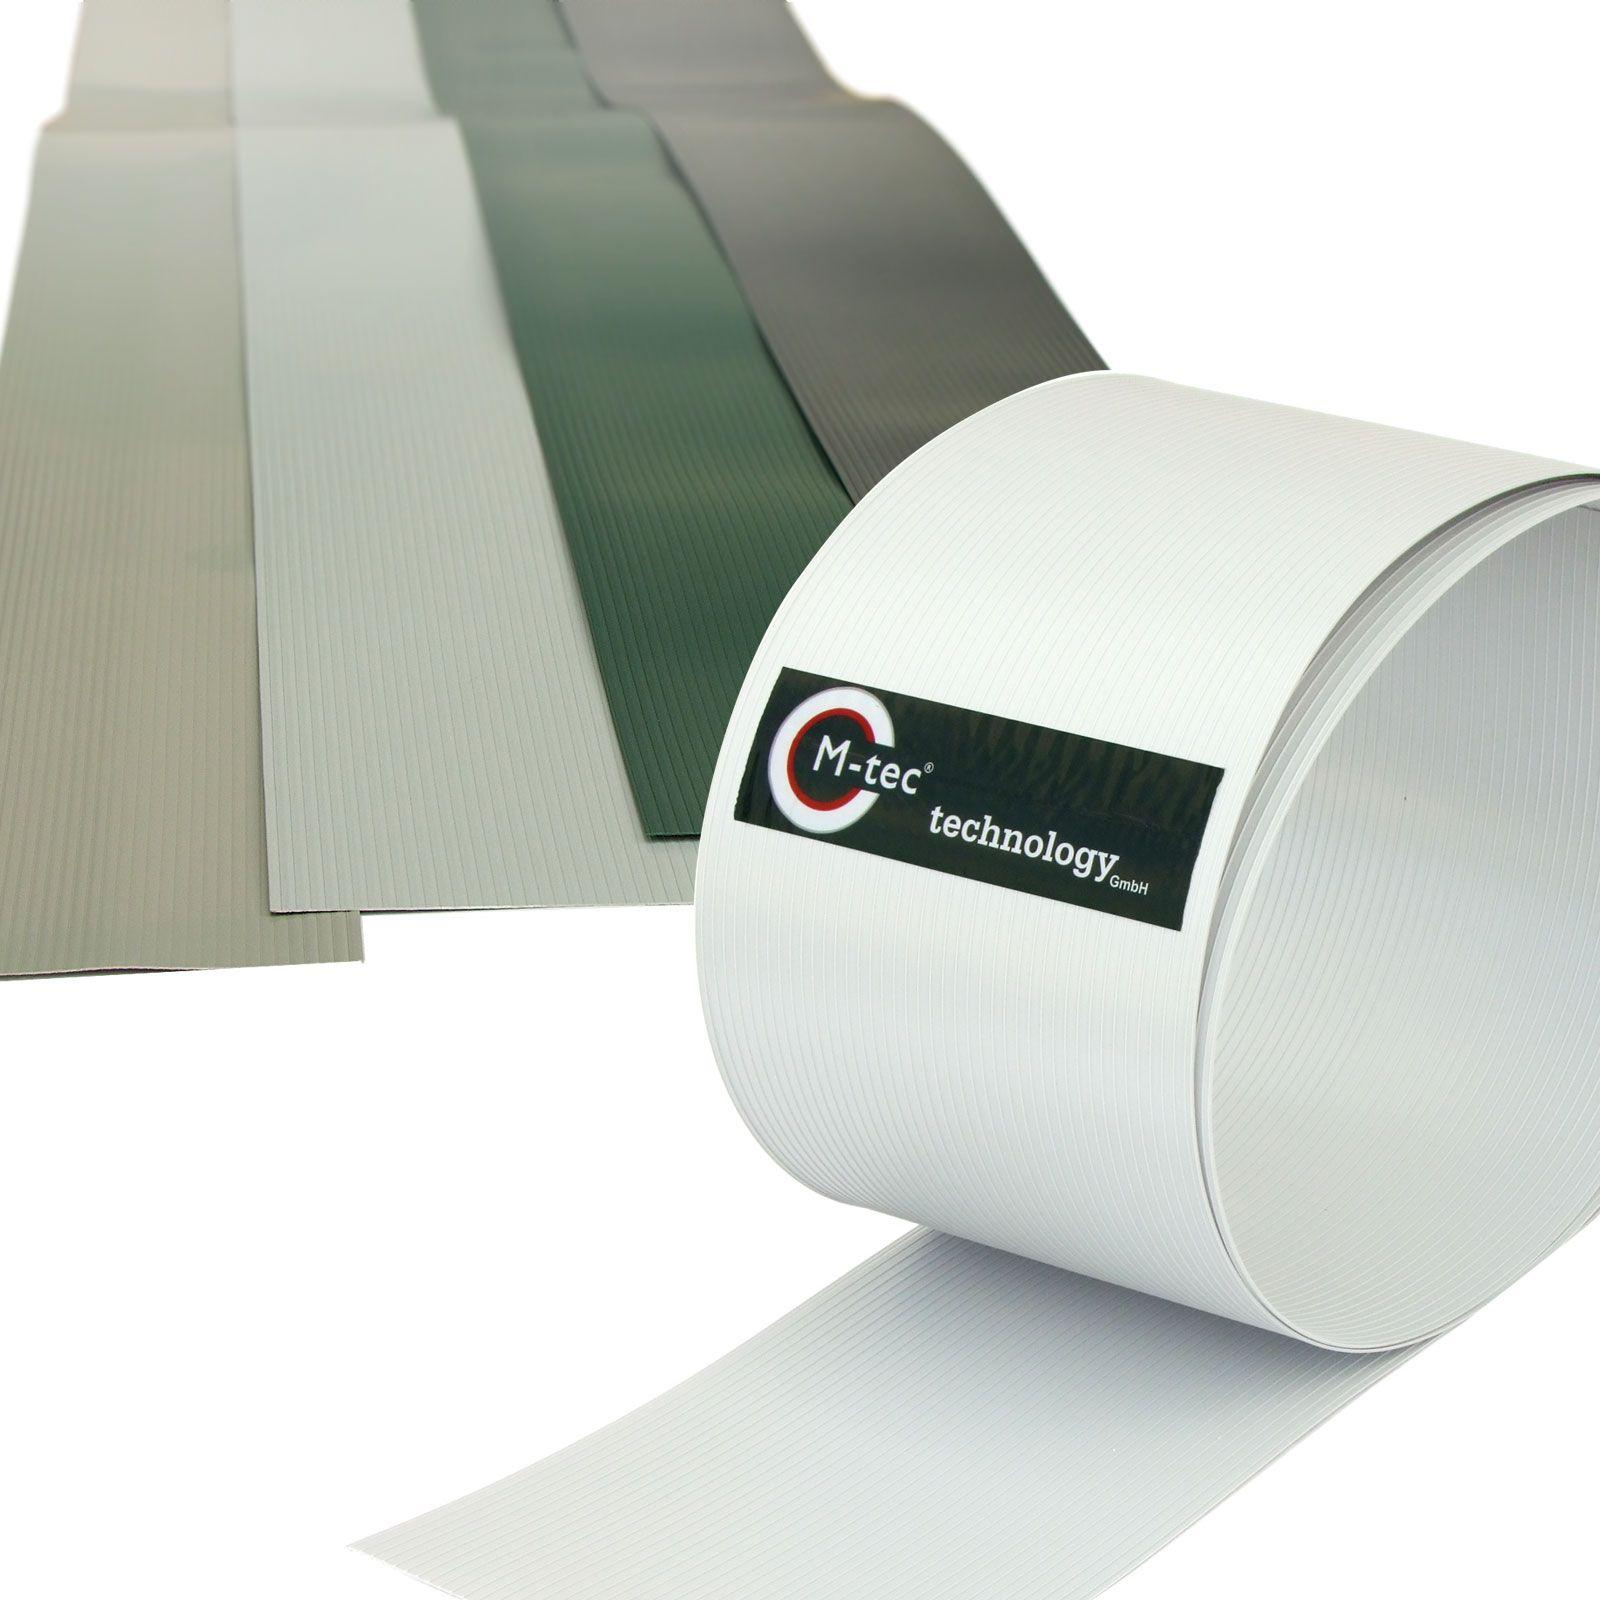 M tec technology bietet auch Hart PVC Sichtschutzstreifen in 5